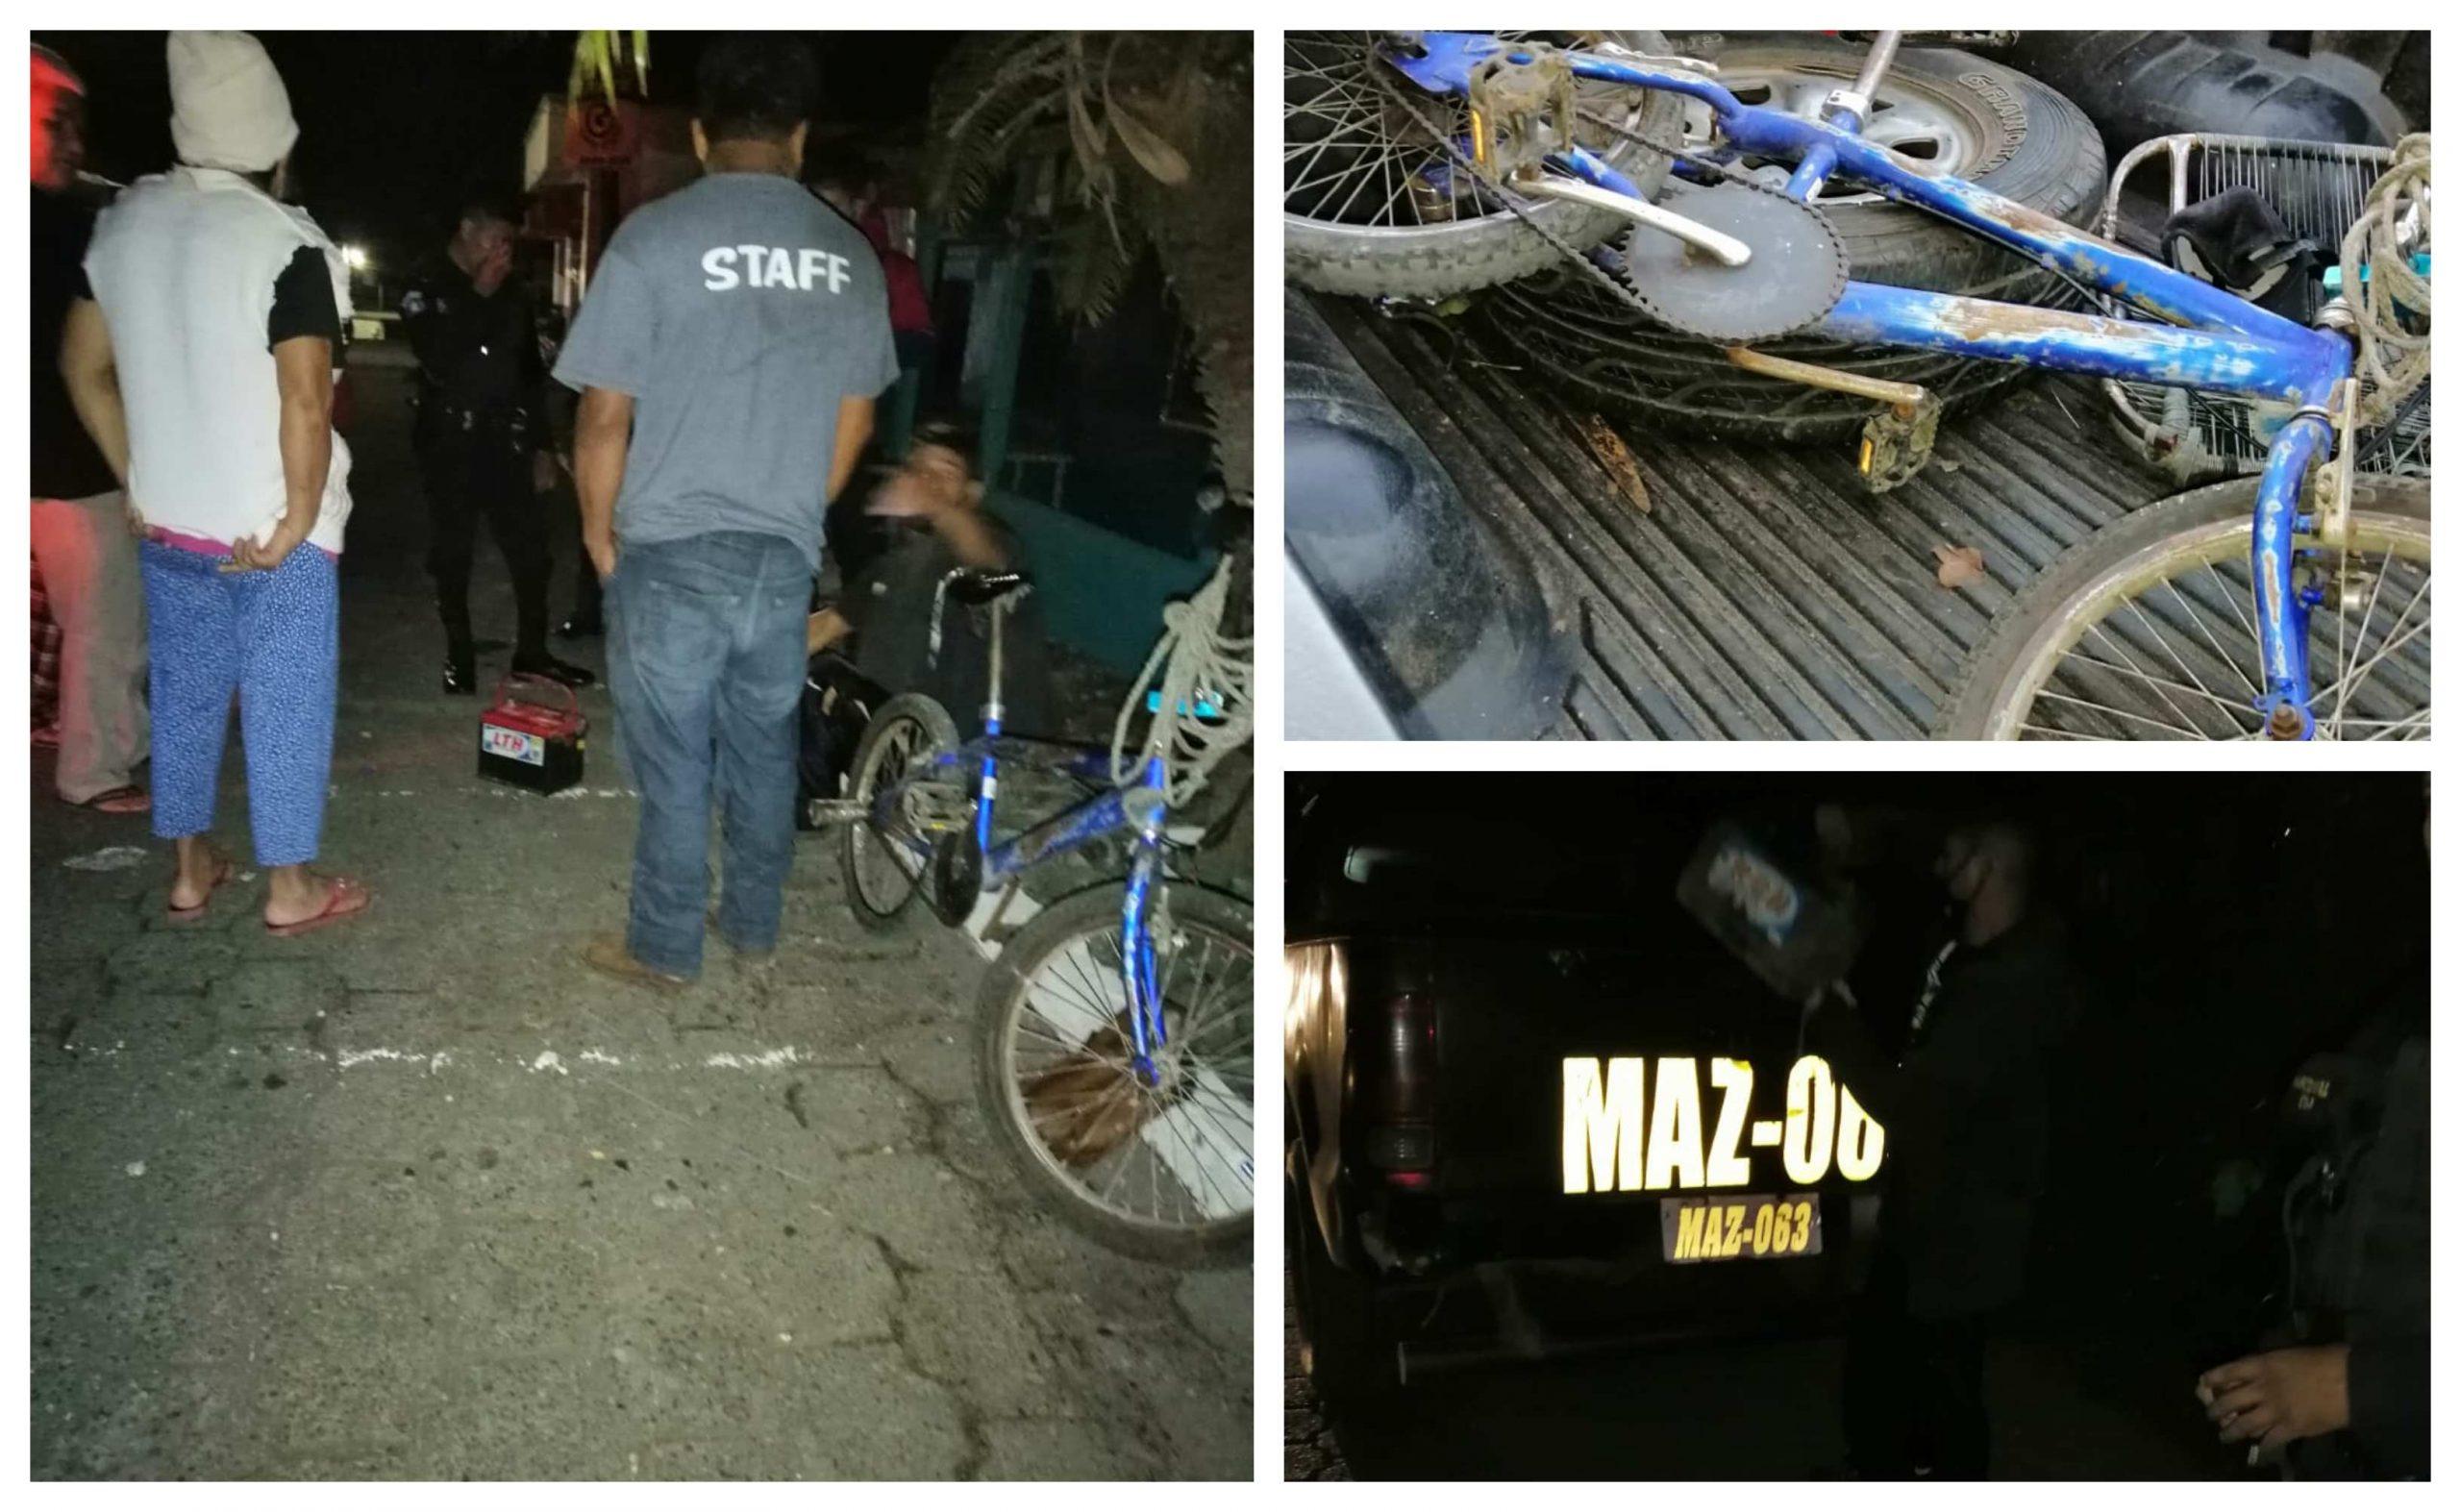 Vecinos de la Colonia el Compromiso de la zona 3 de Mazatenango,lograron detener a un hombre acusado del robo de baterías de vehículos. (Foto: Cristian Soto)